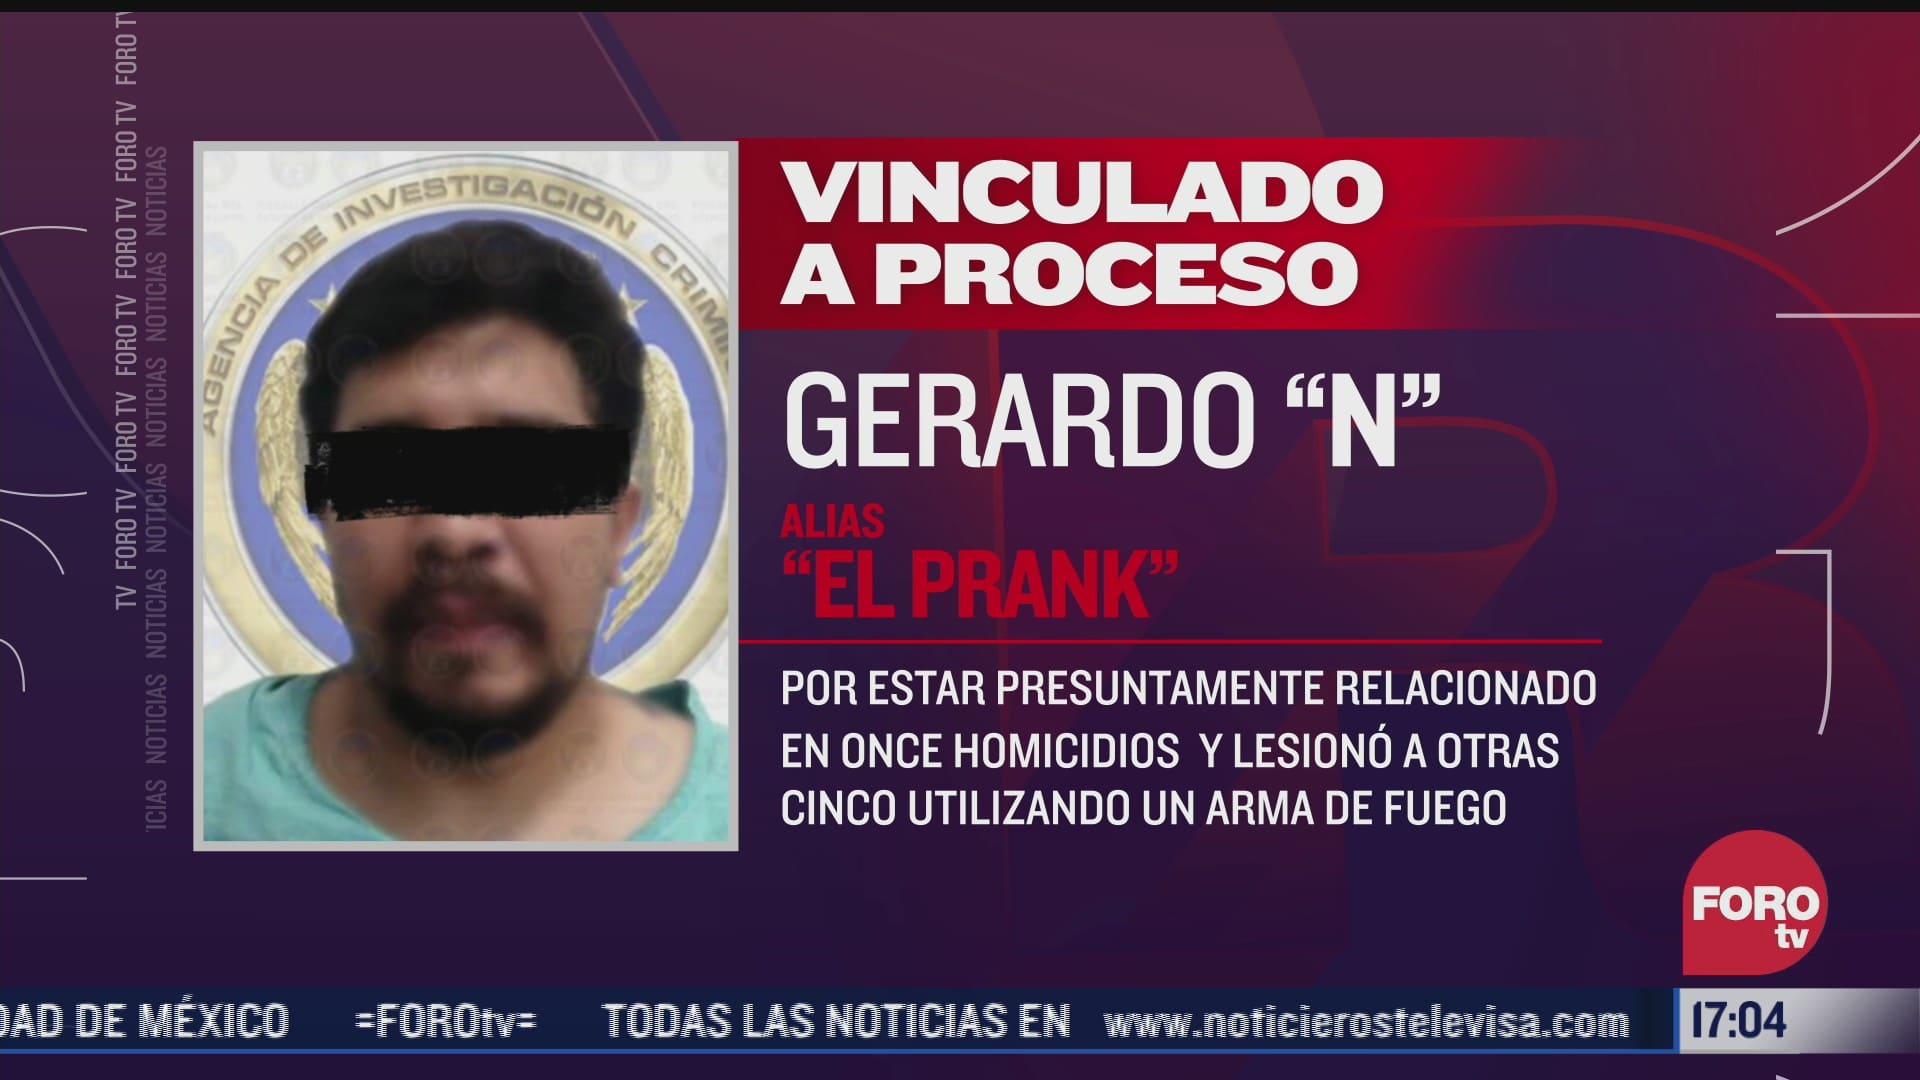 vinculan a proceso a el prank en guanajuato